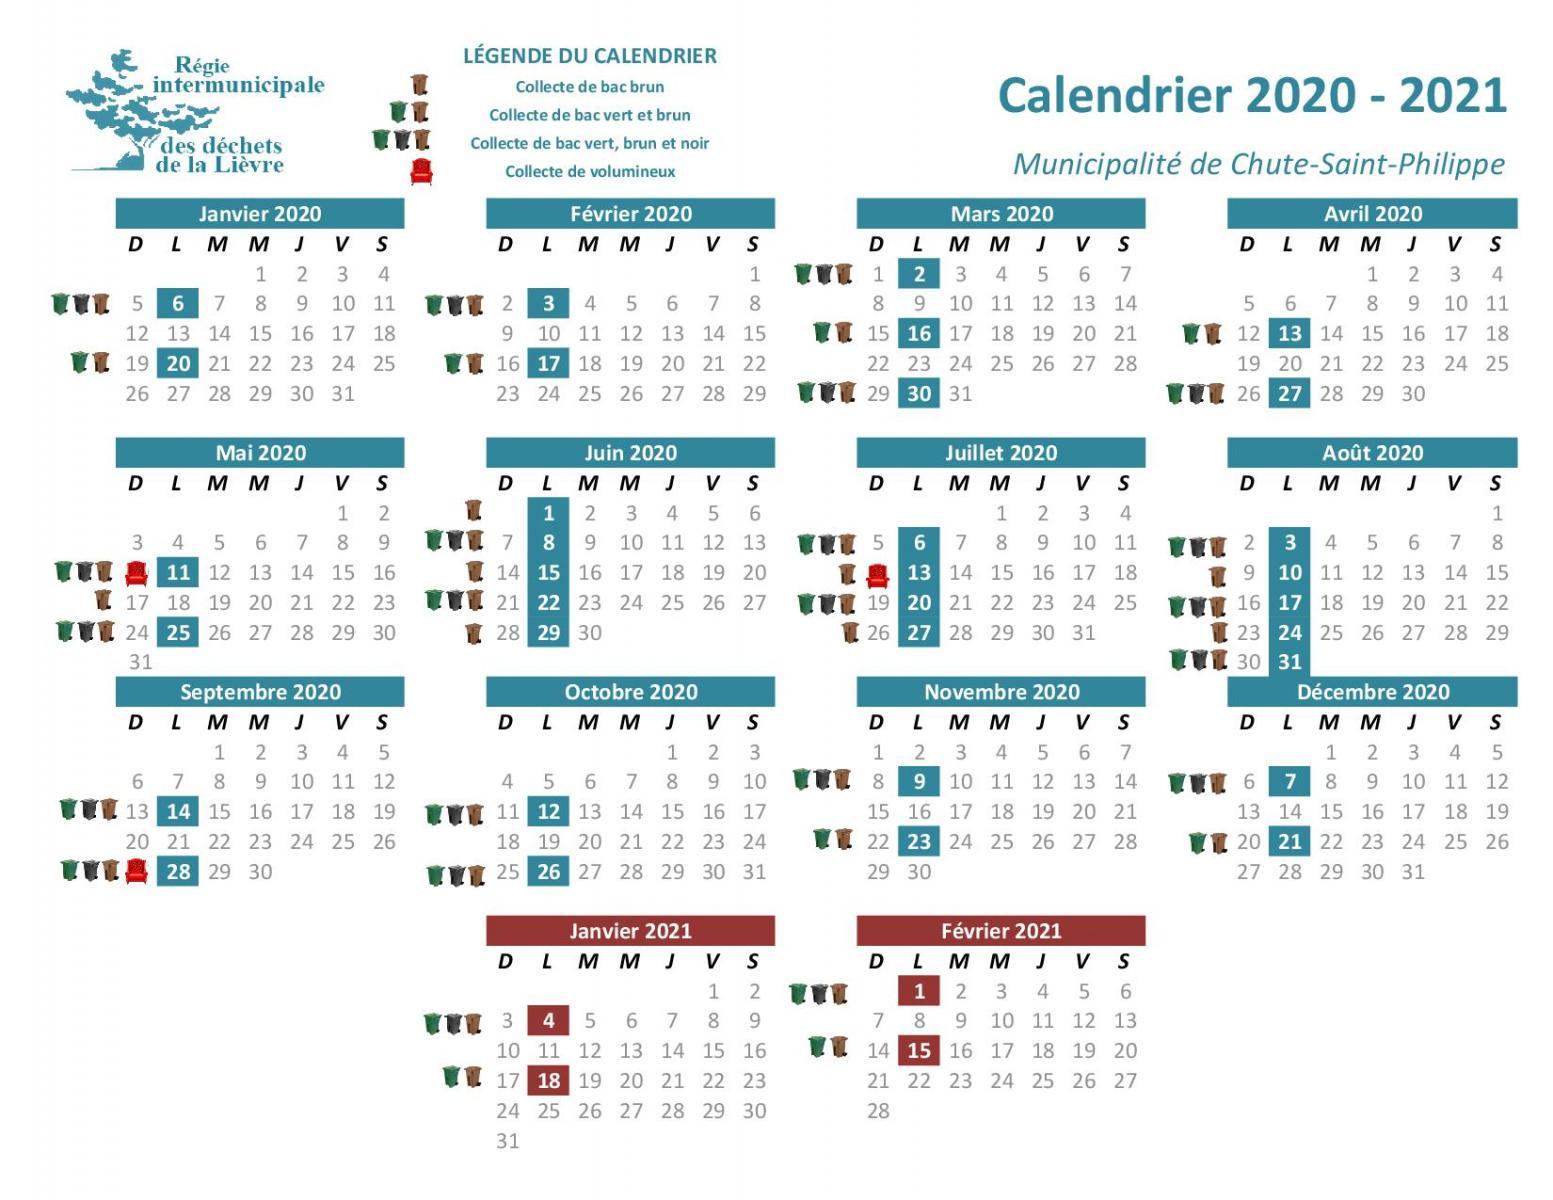 Calendrier De Collecte Des Déchets 2021 Calendriers par municipalité | RIDL